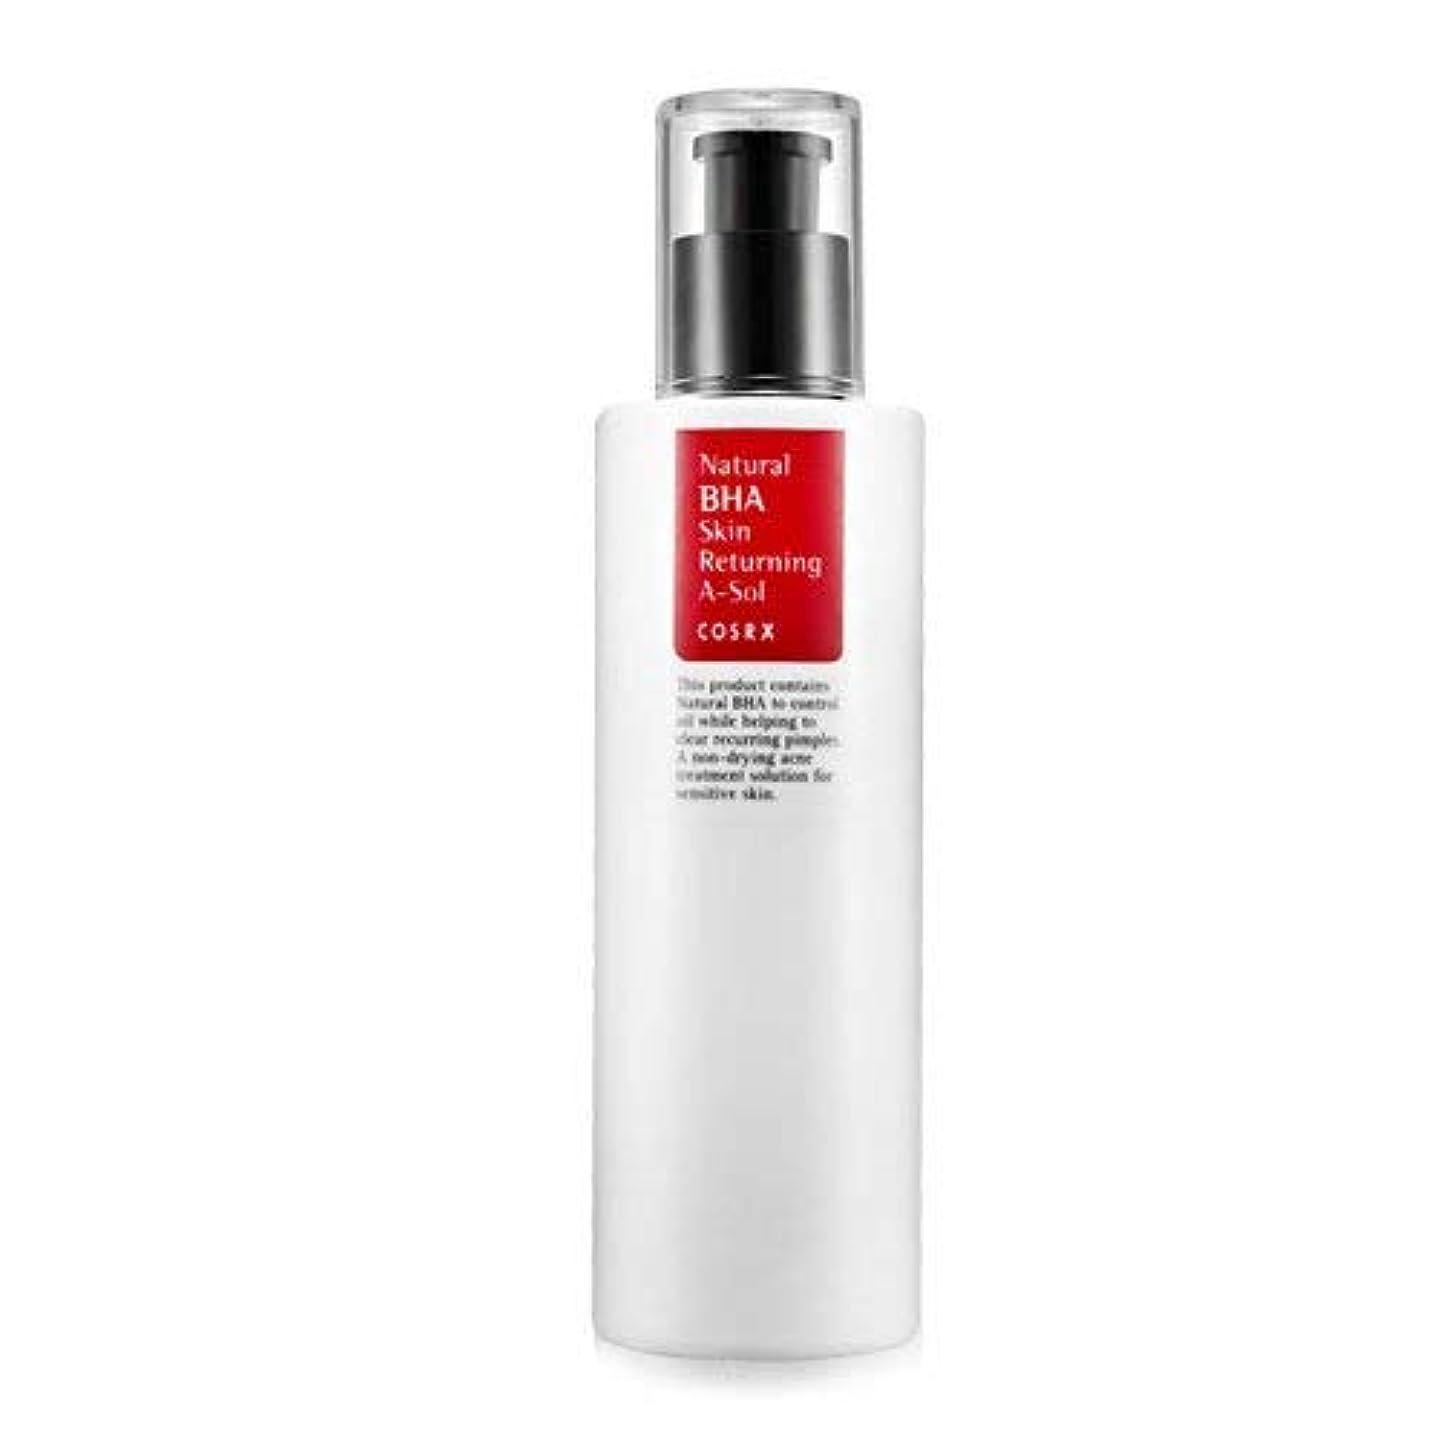 難しい名声初期COSRX ナチュラル BHA スキン リータニング A-sol /Natural BHA Skin Returning A-sol(100ml*6 Pack)